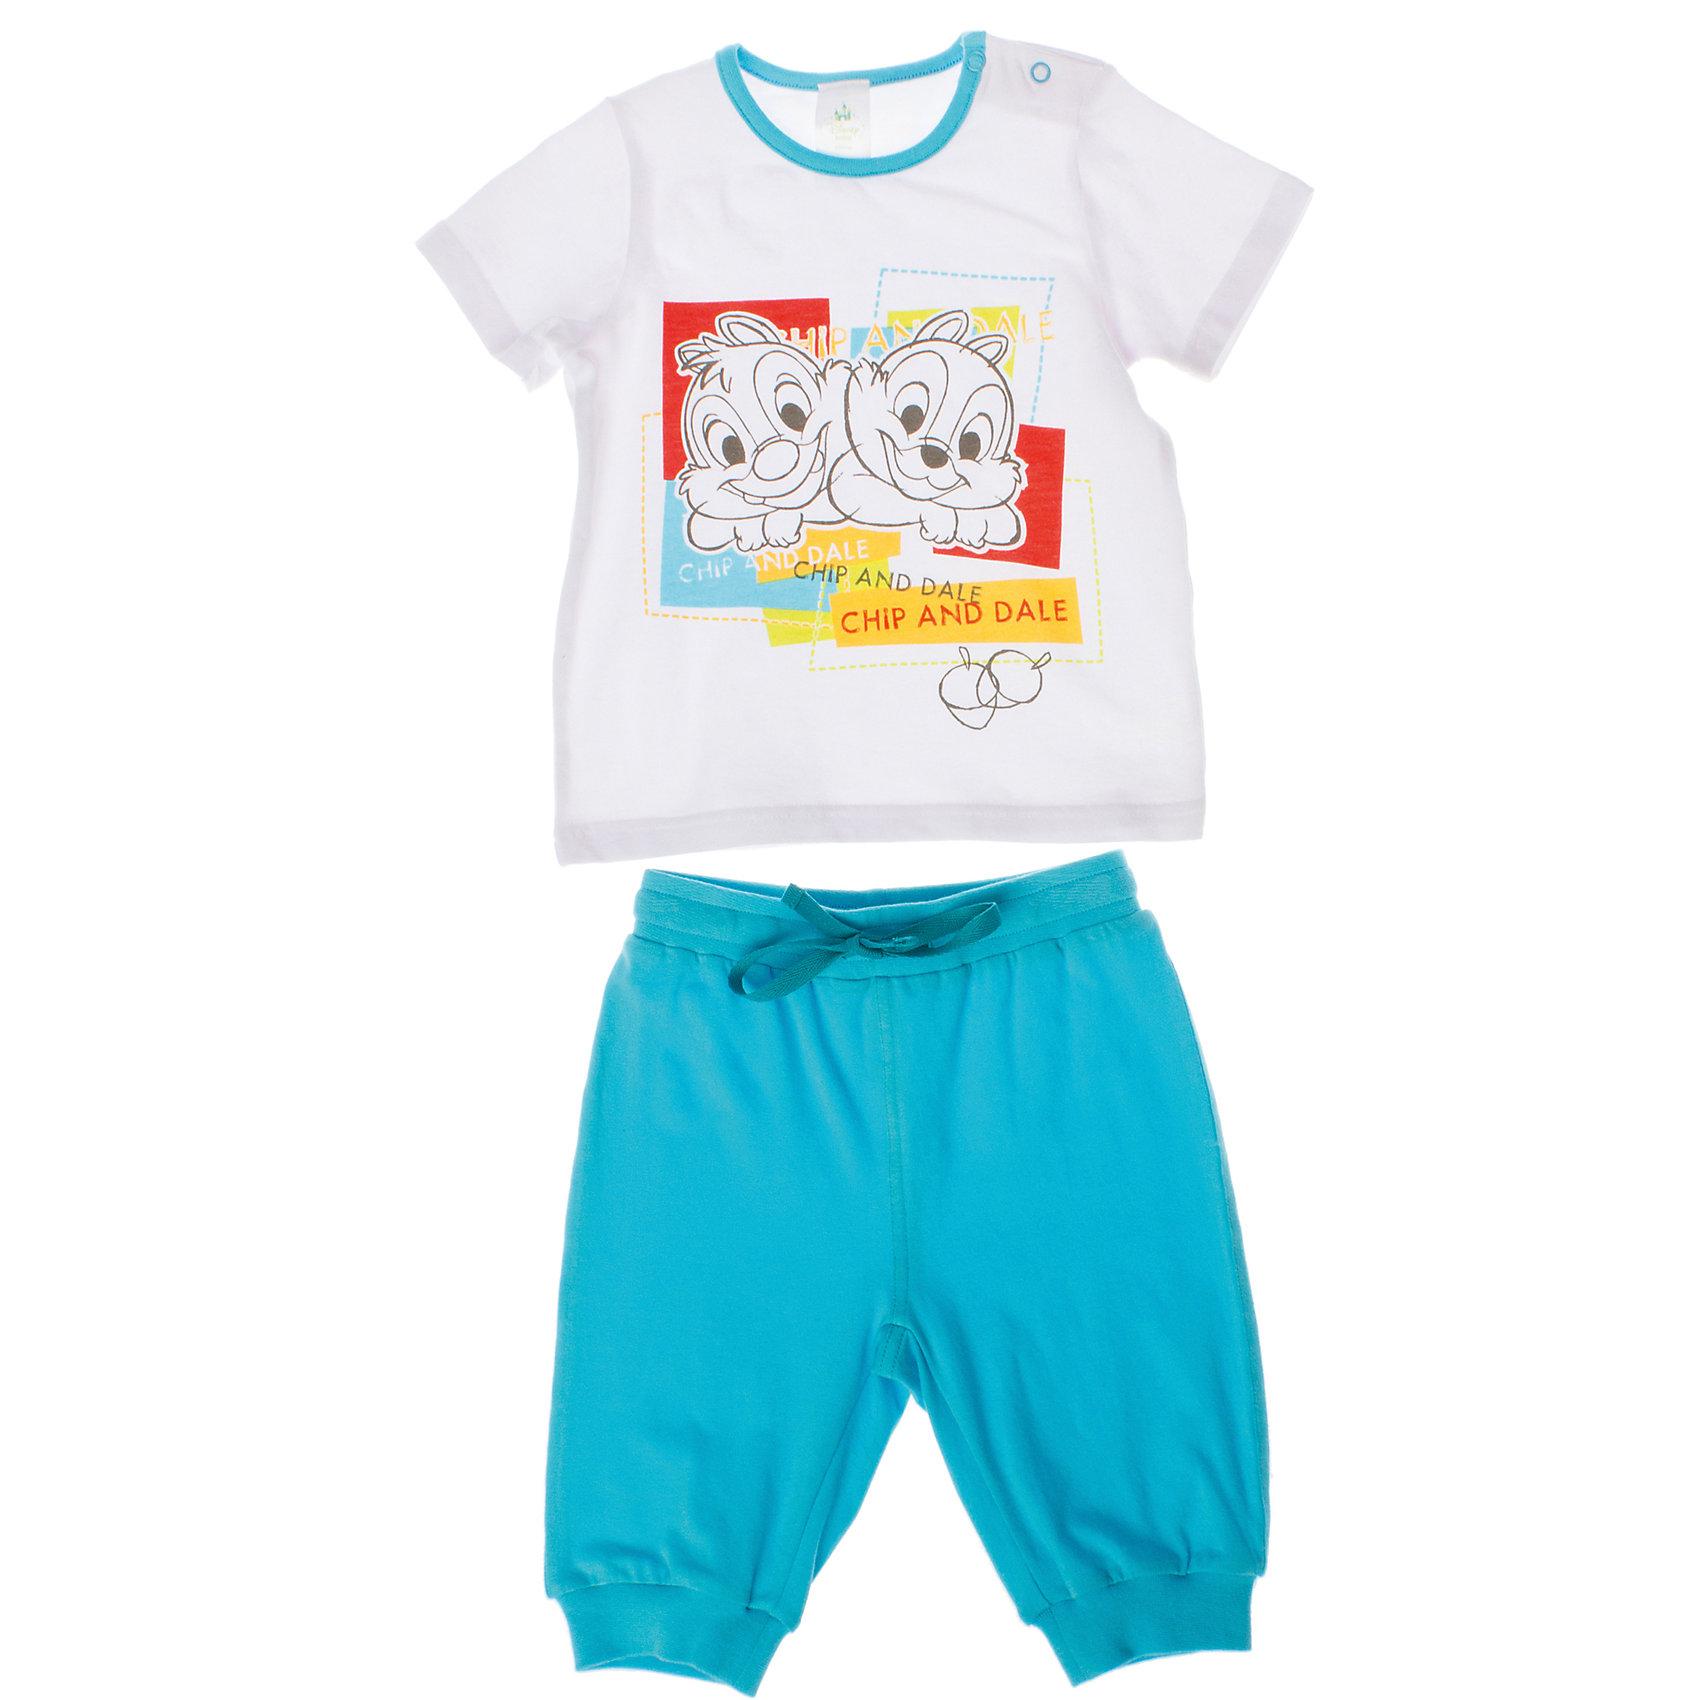 Комплект: майка и шорты для мальчика PlayTodayКомплекты<br>Комплект: майка и шорты для мальчика PlayToday <br><br>Состав: 95% хлопок, 5% эластан <br><br>Майка: <br>Застежки-кнопки на плече<br>Украшена водным принтом <br>На воротнике бейка голубого цвета<br>Шорты:<br>Пояс и низ на широкой мягкой резинке<br>Есть регулирующий шнурок<br><br>Ширина мм: 199<br>Глубина мм: 10<br>Высота мм: 161<br>Вес г: 151<br>Цвет: разноцветный<br>Возраст от месяцев: 9<br>Возраст до месяцев: 12<br>Пол: Мужской<br>Возраст: Детский<br>Размер: 74,92,86,80<br>SKU: 4503717